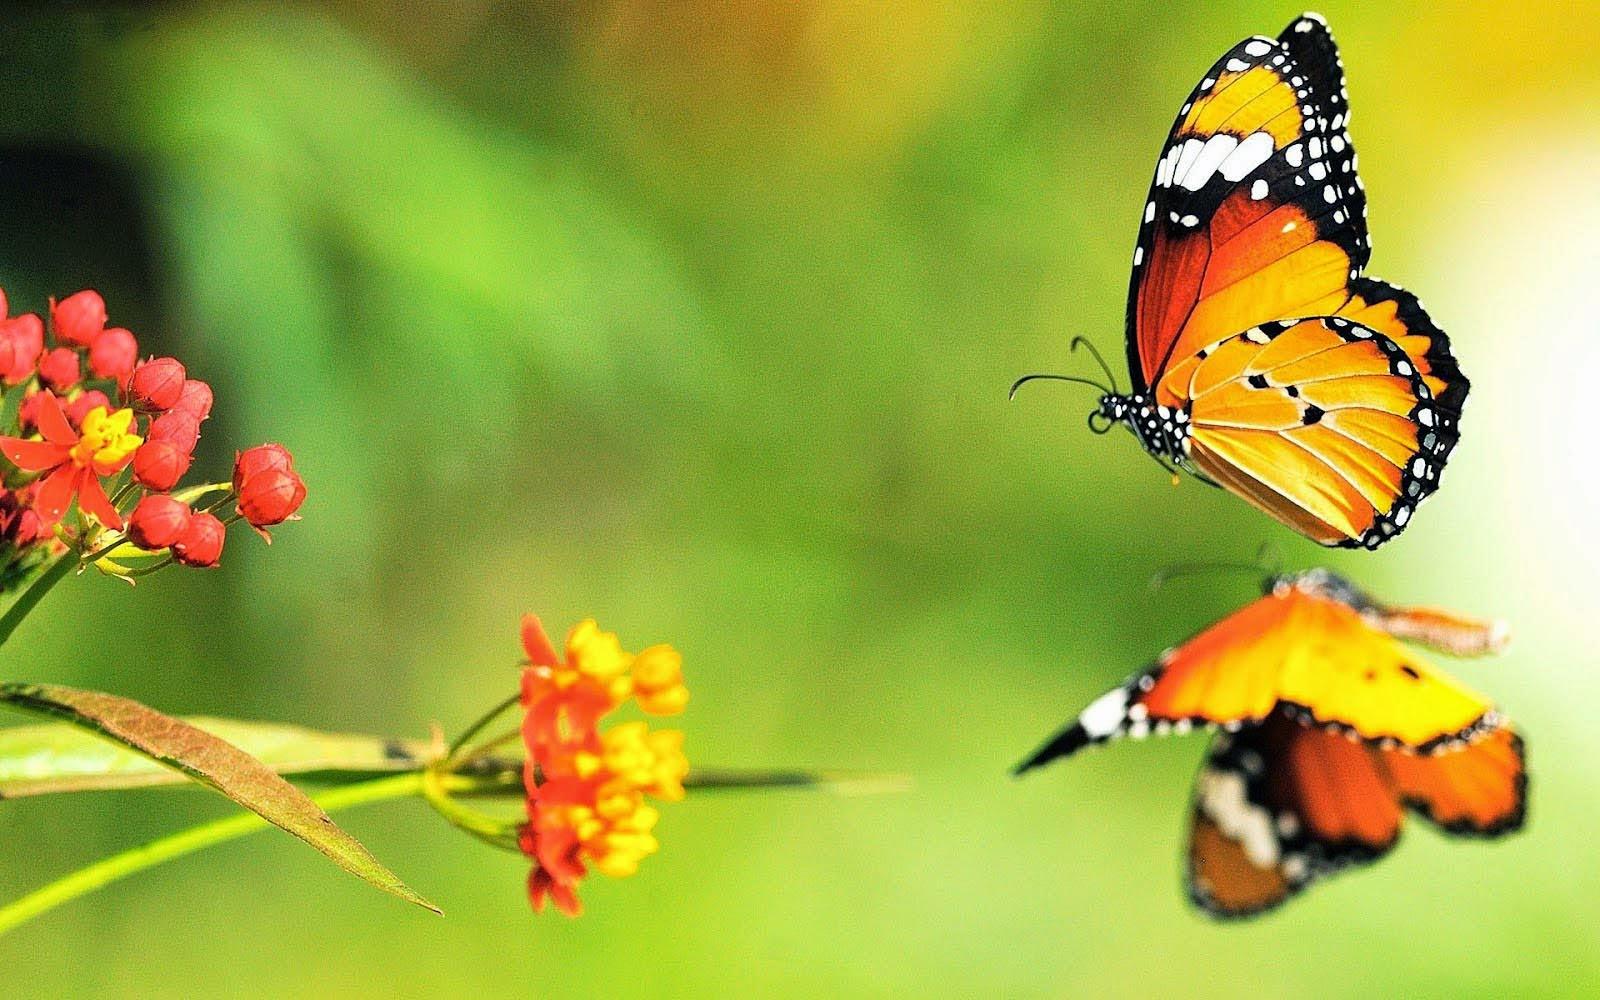 3D Butterfly Desktop Backgrounds | Wallpaper view  3D Butterfly De...